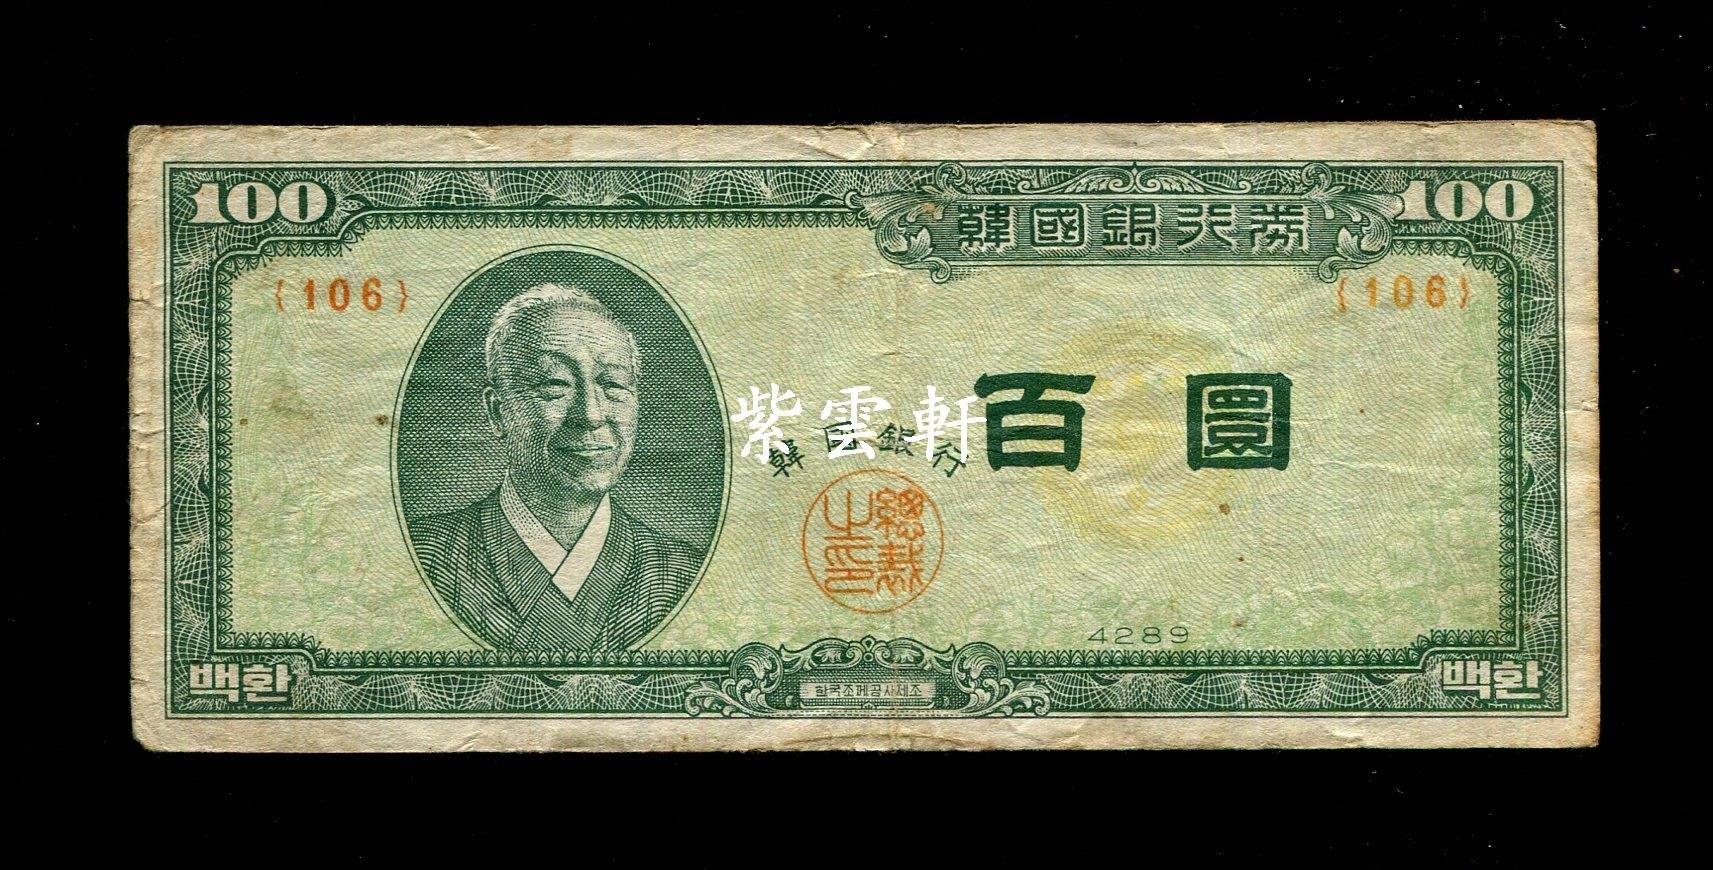 『紫雲軒』(各國紙幣)韓國1956年100元 Scg0463